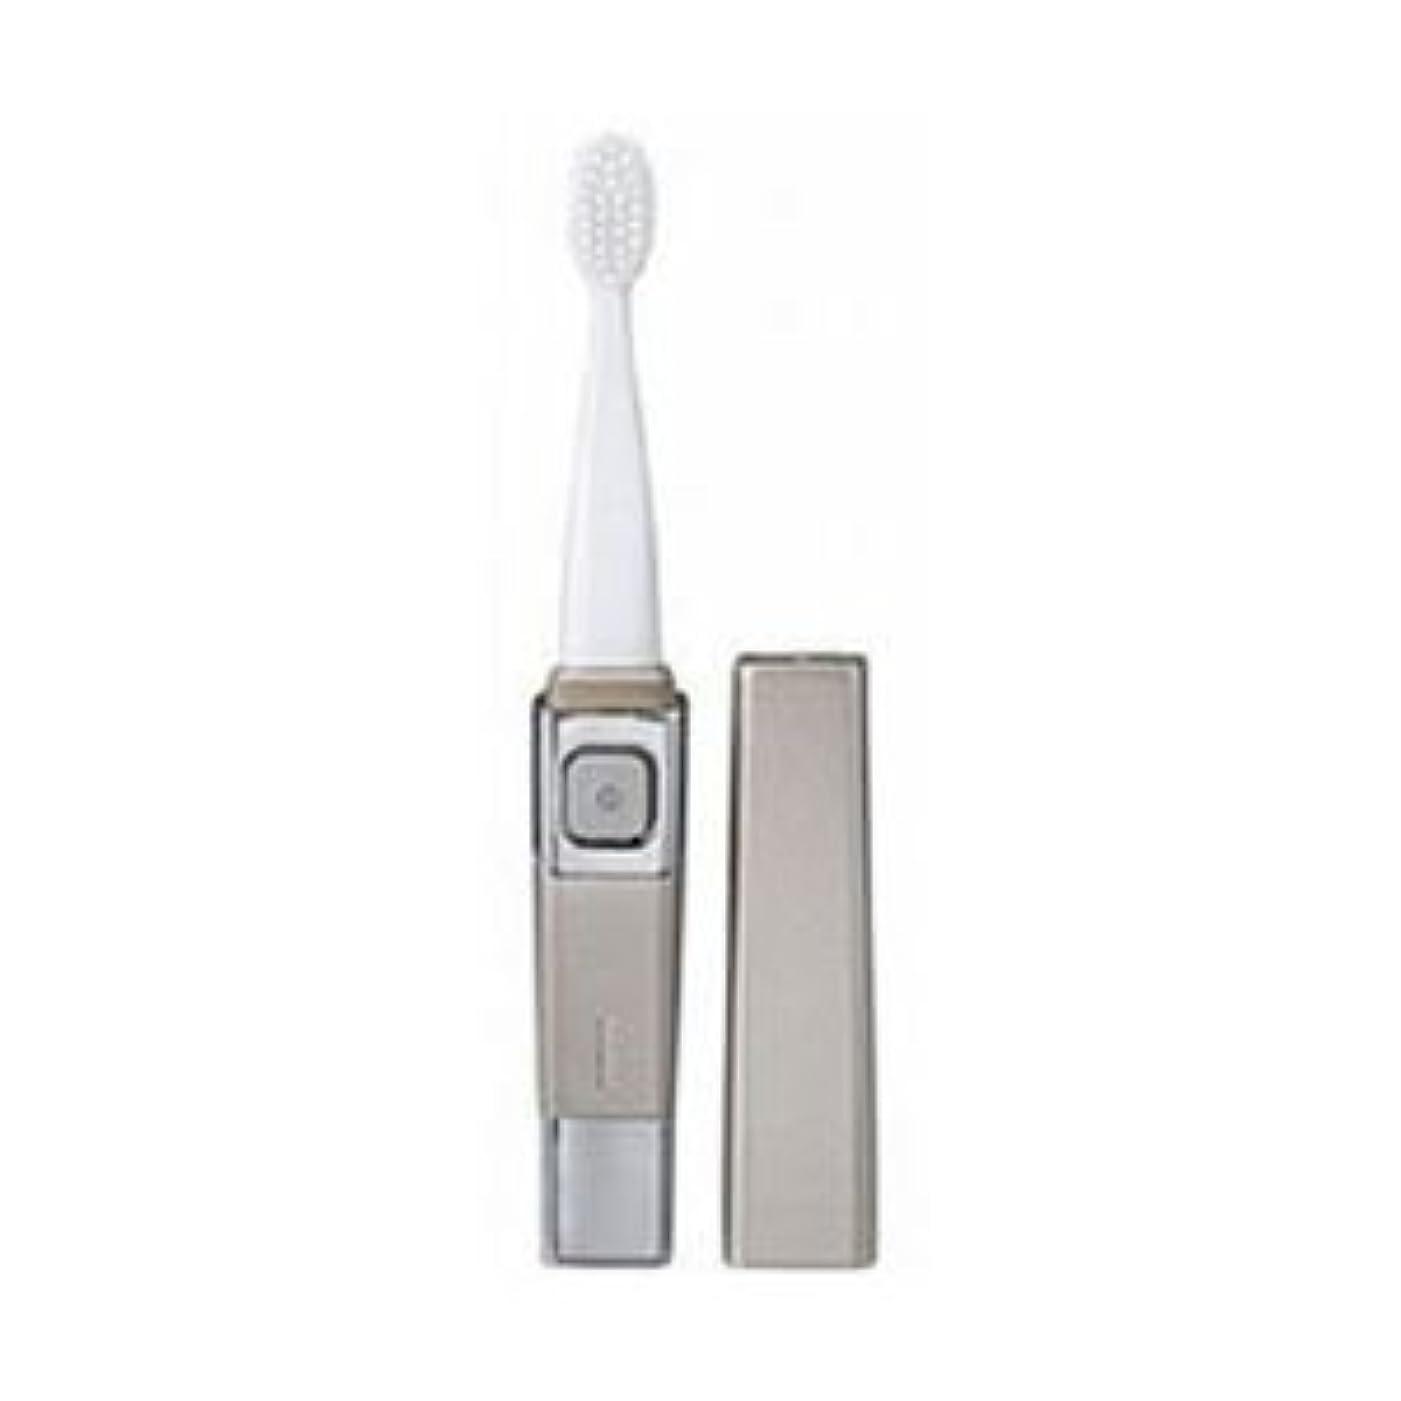 節約ブリードほのか(まとめ)ツインバード 音波振動歯ブラシ シャンパンゴールド BD-2755G【×3セット】